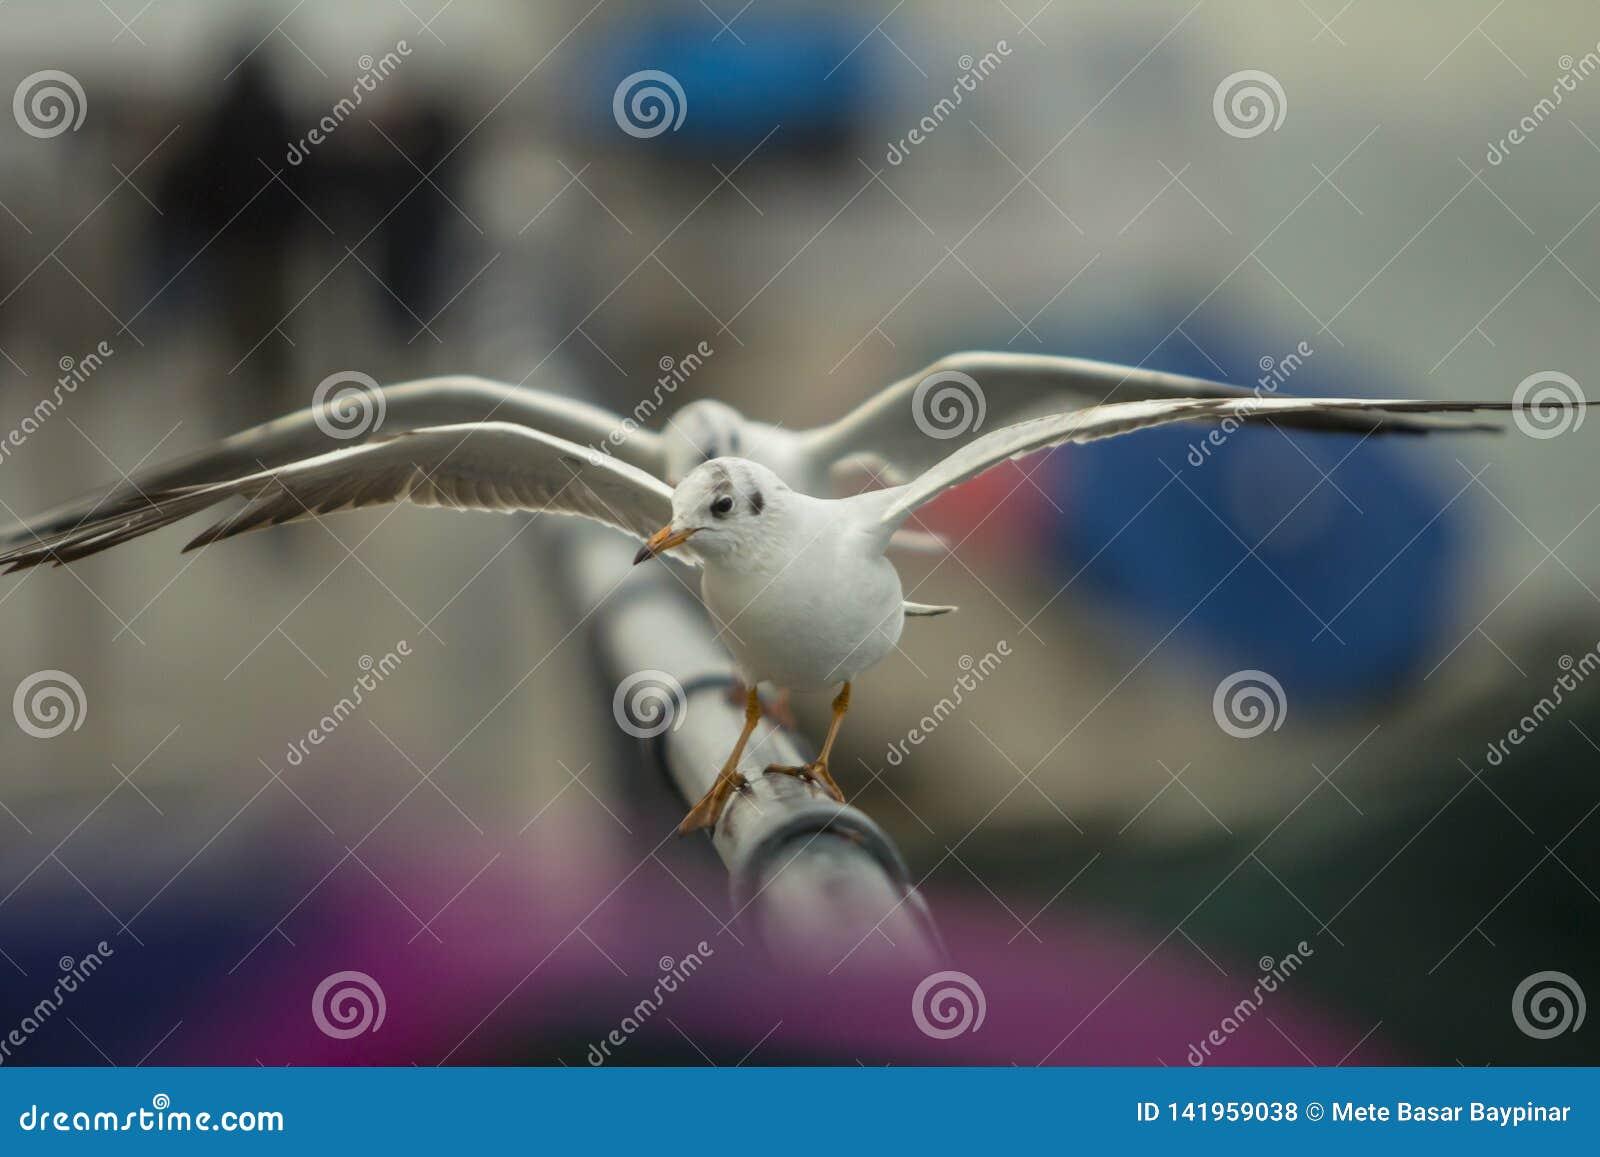 Δύο seagulls ένα μπροστά από άλλο χορεύοντας φτερά ανοικτά σε έναν φράκτη αργιλίου με την ρόδινος-πορφύρα και το μπλε bokeh